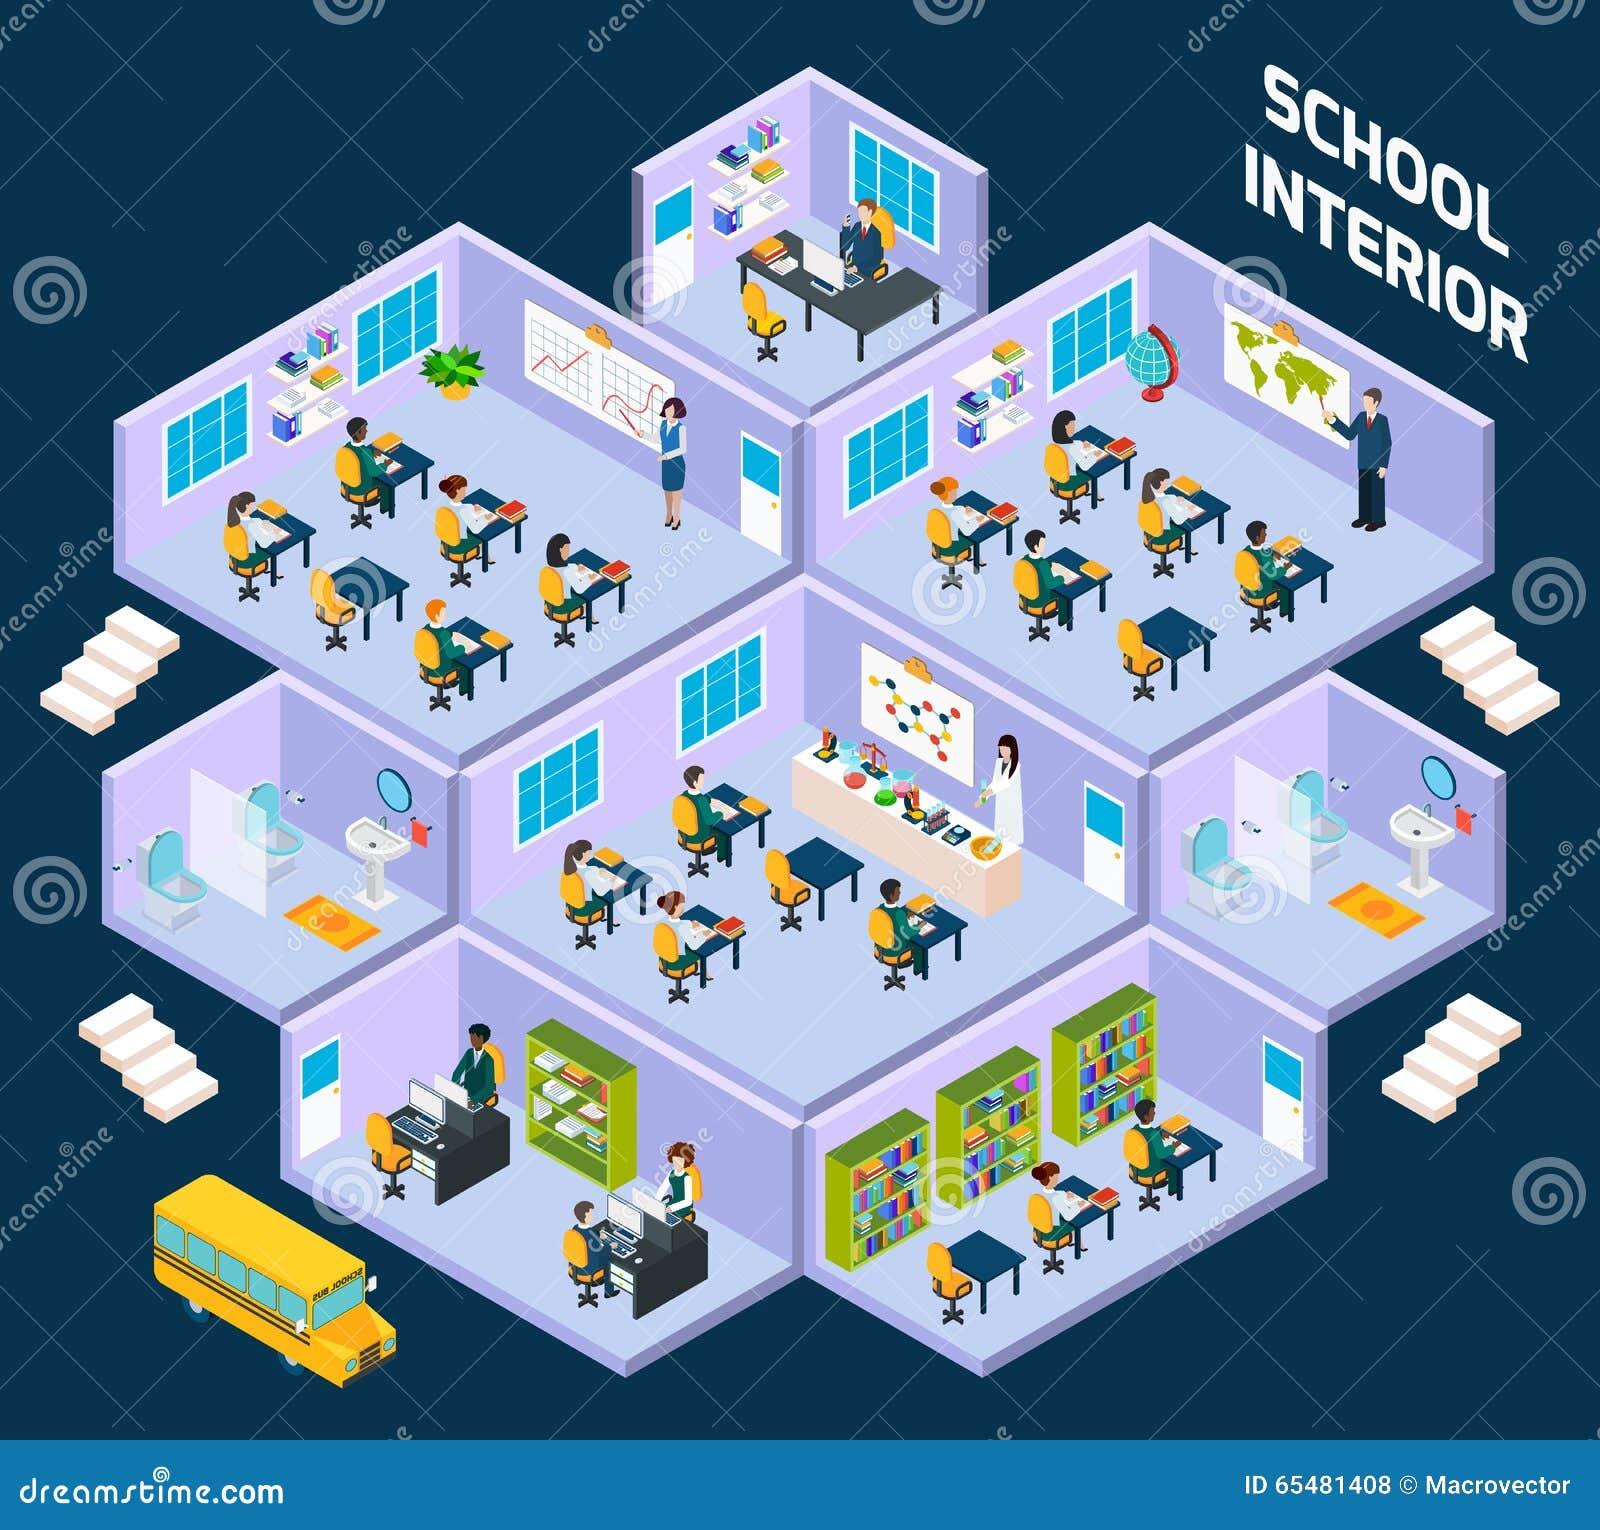 School isometric interior